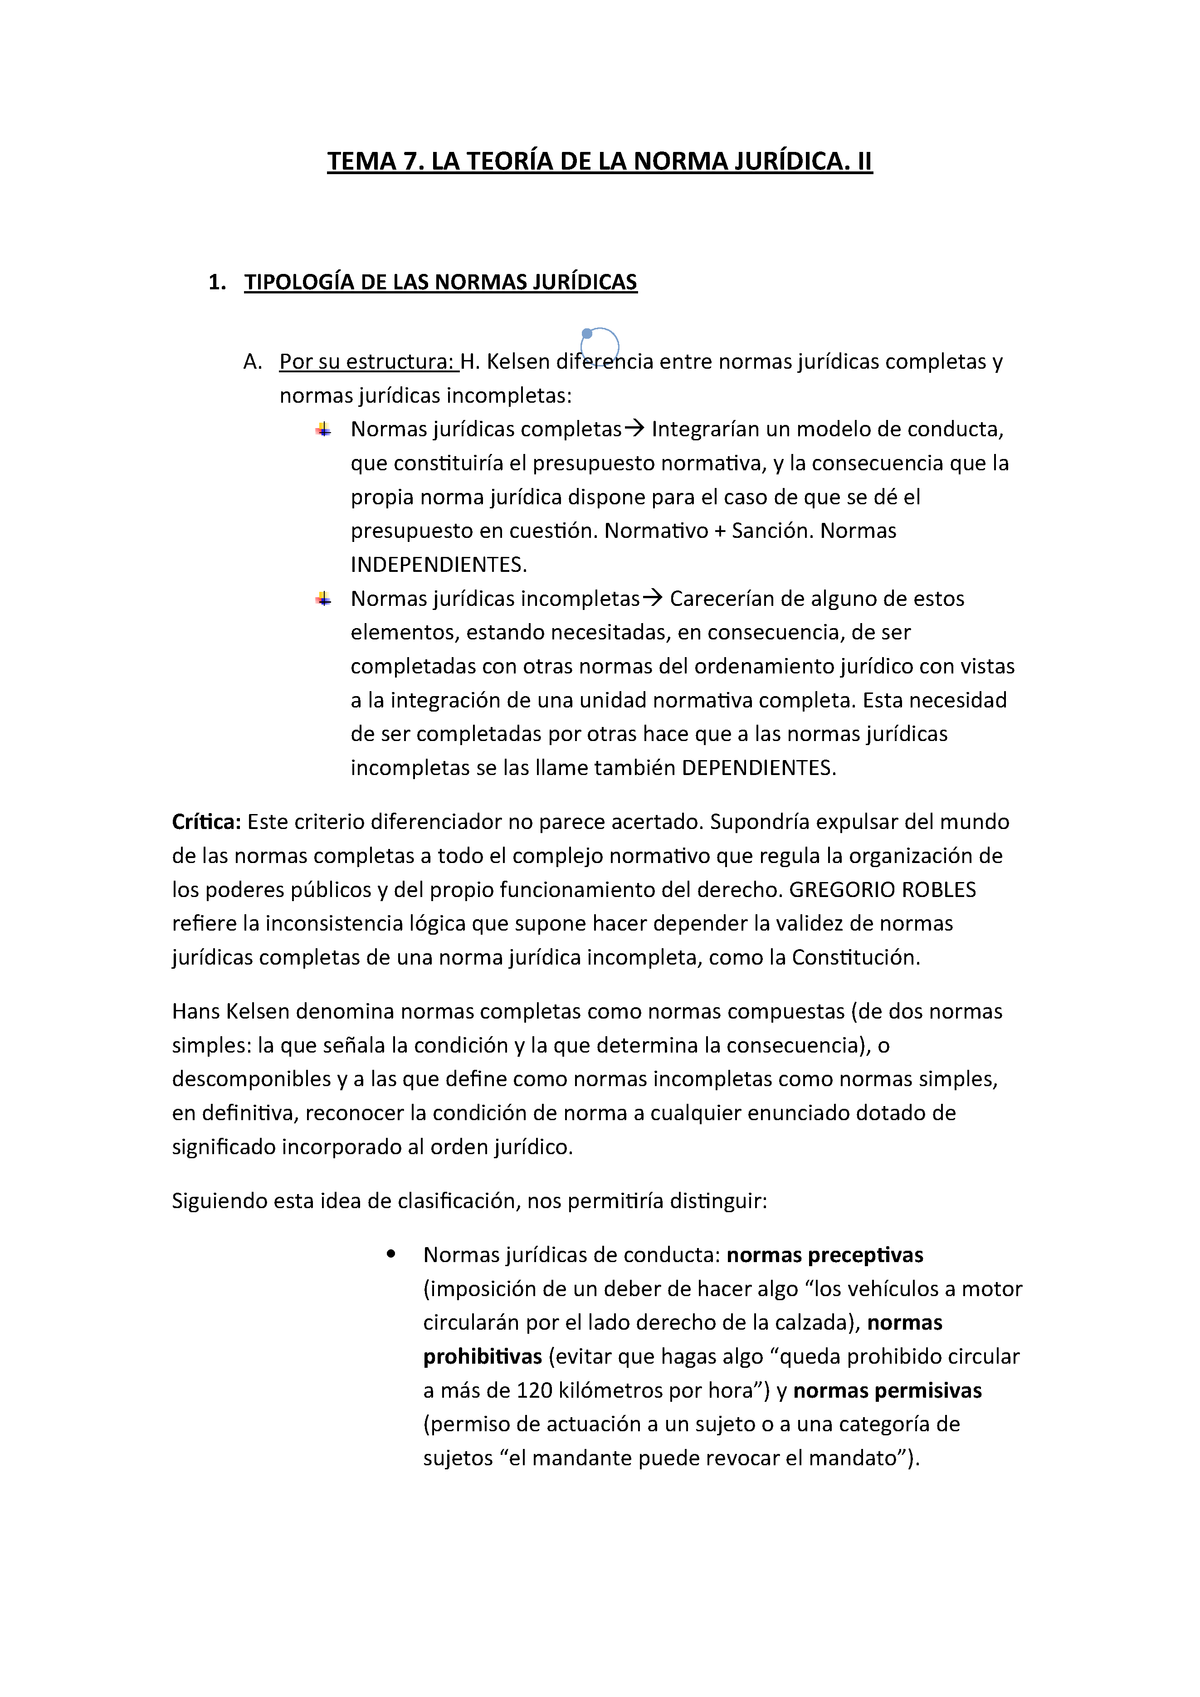 Tema 7 La Teoría De La Norma Jurídica Ii Teoría Del